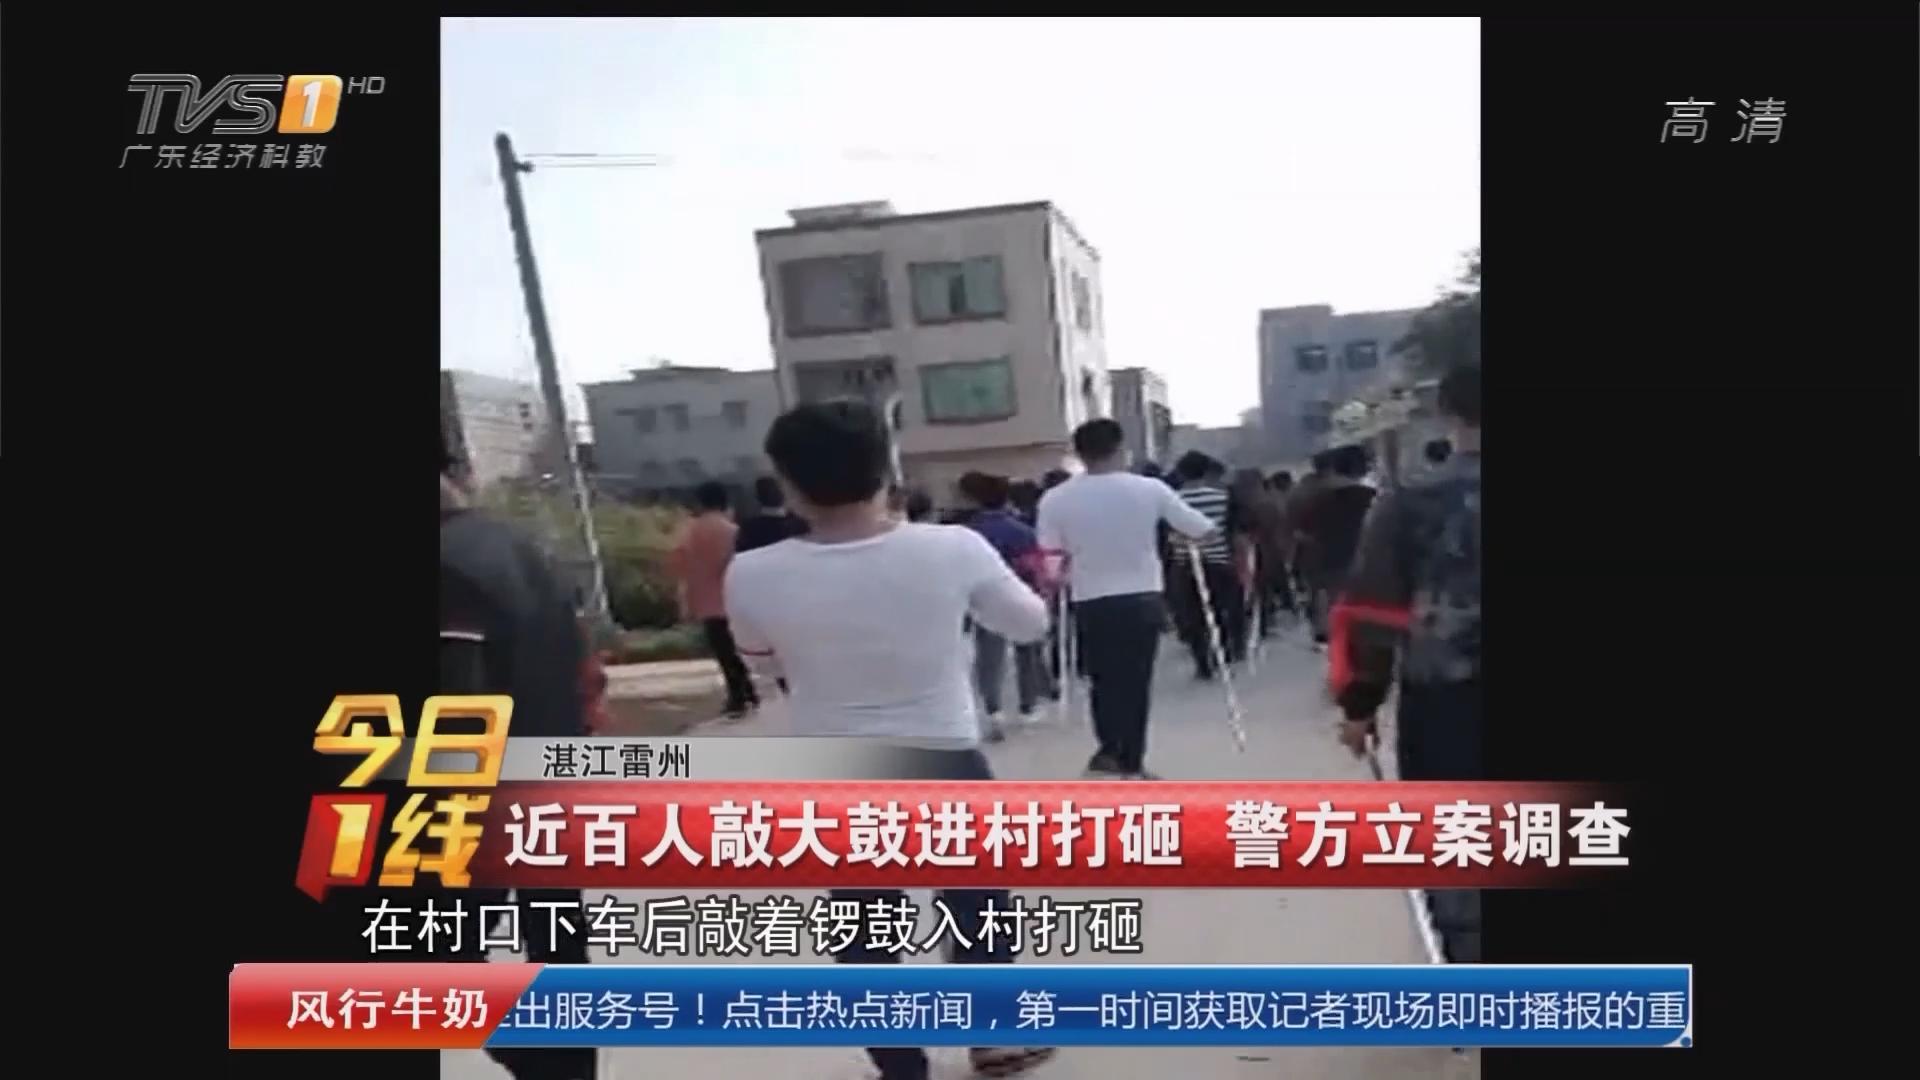 湛江雷州:近百人敲大鼓进村打砸 警方立案调查